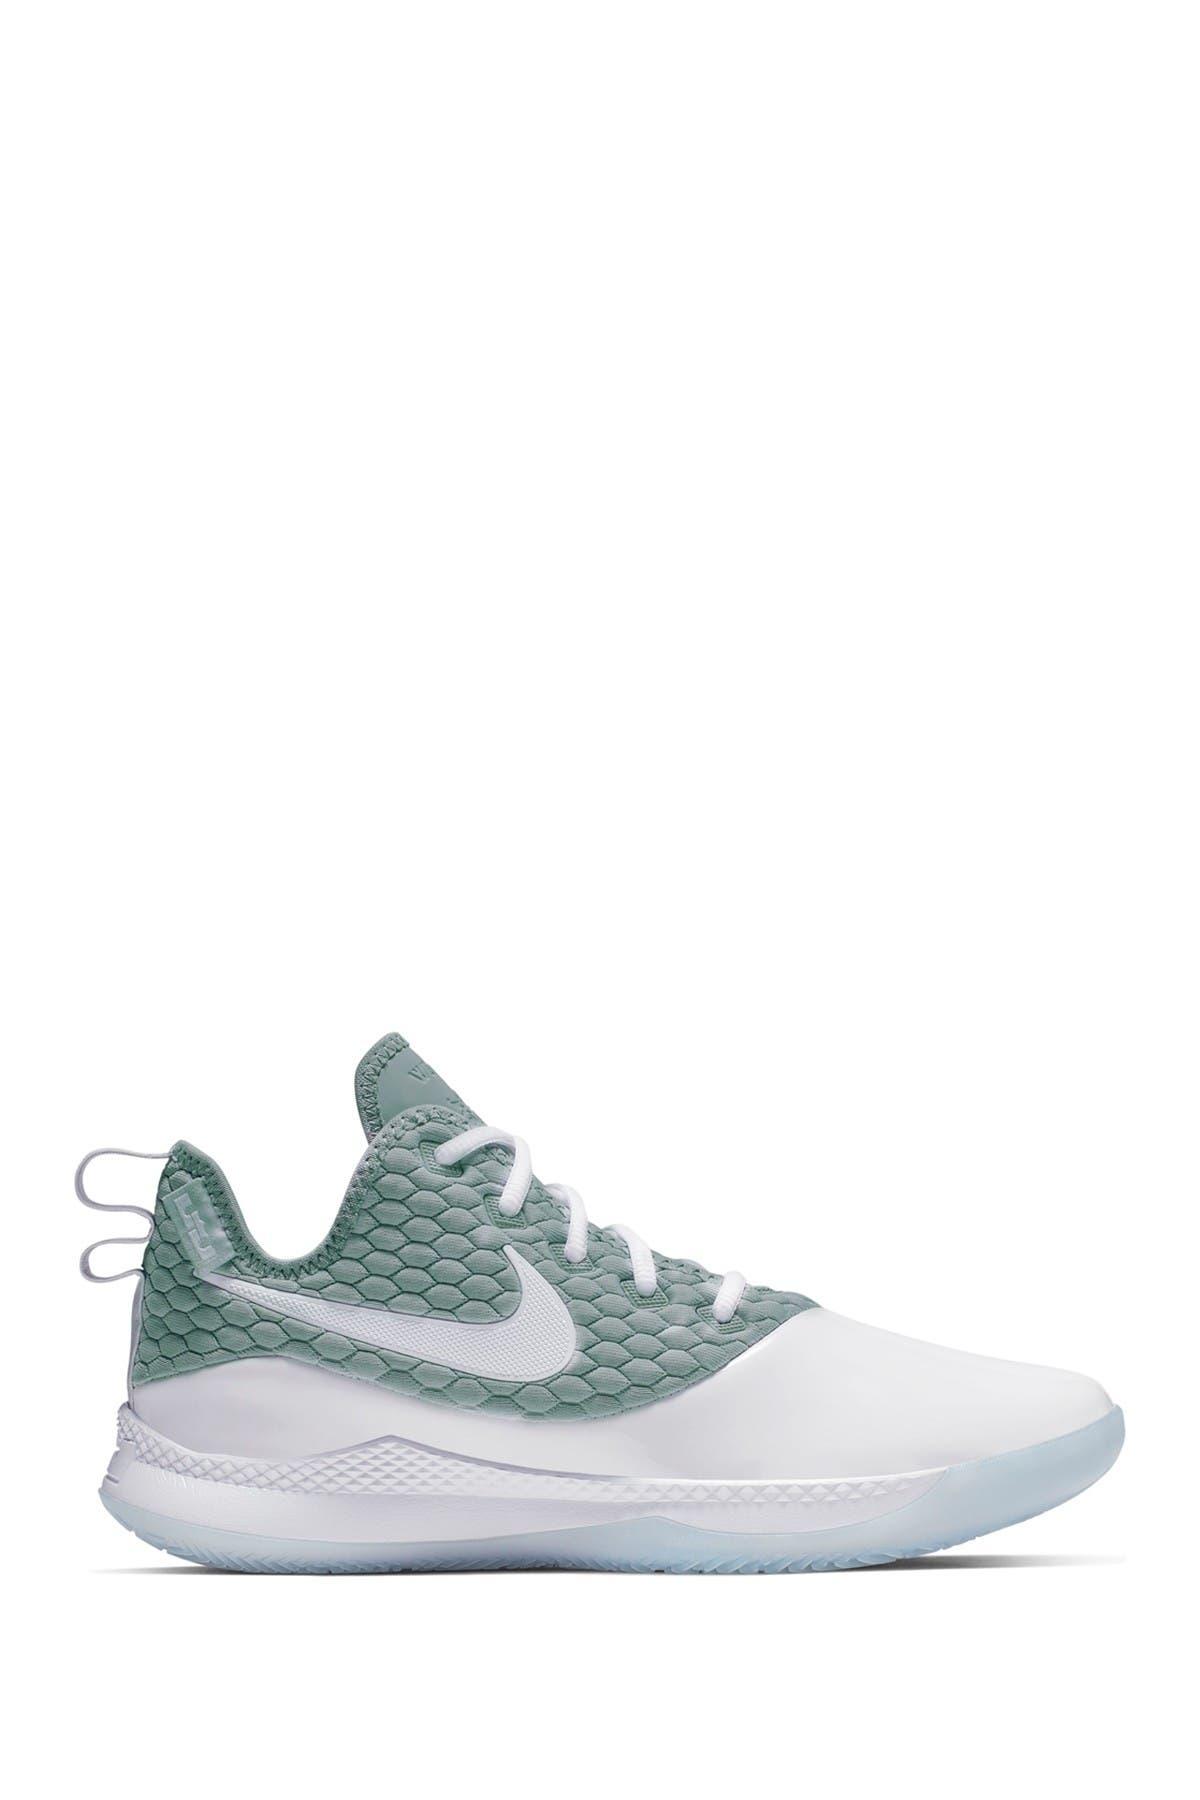 Nike | LeBron Witness III PRM Sneaker